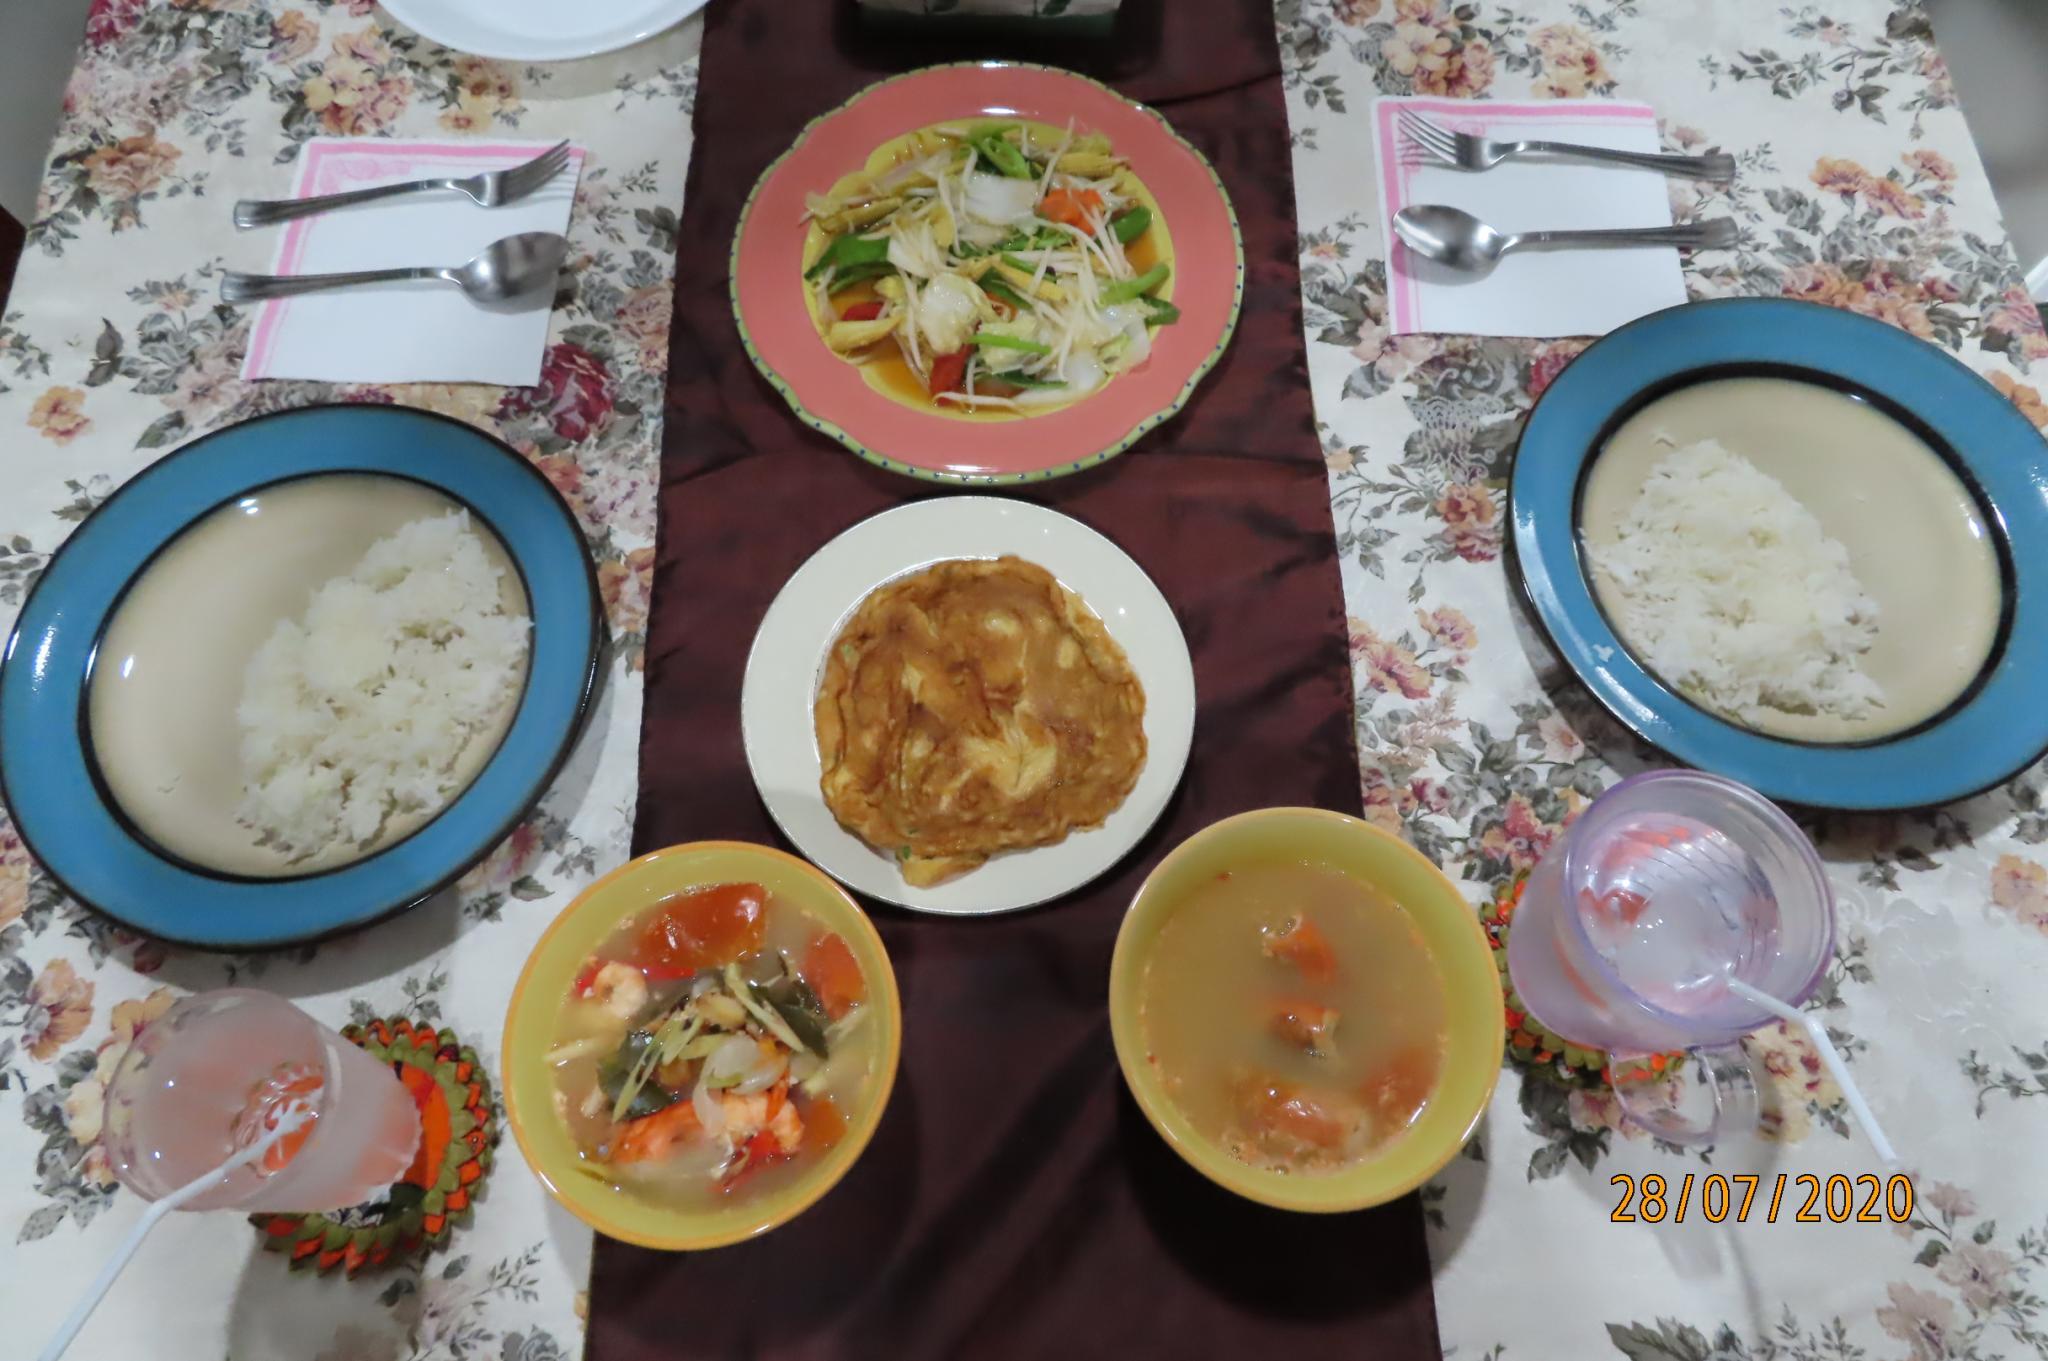 Dinner-img_8981-jpg